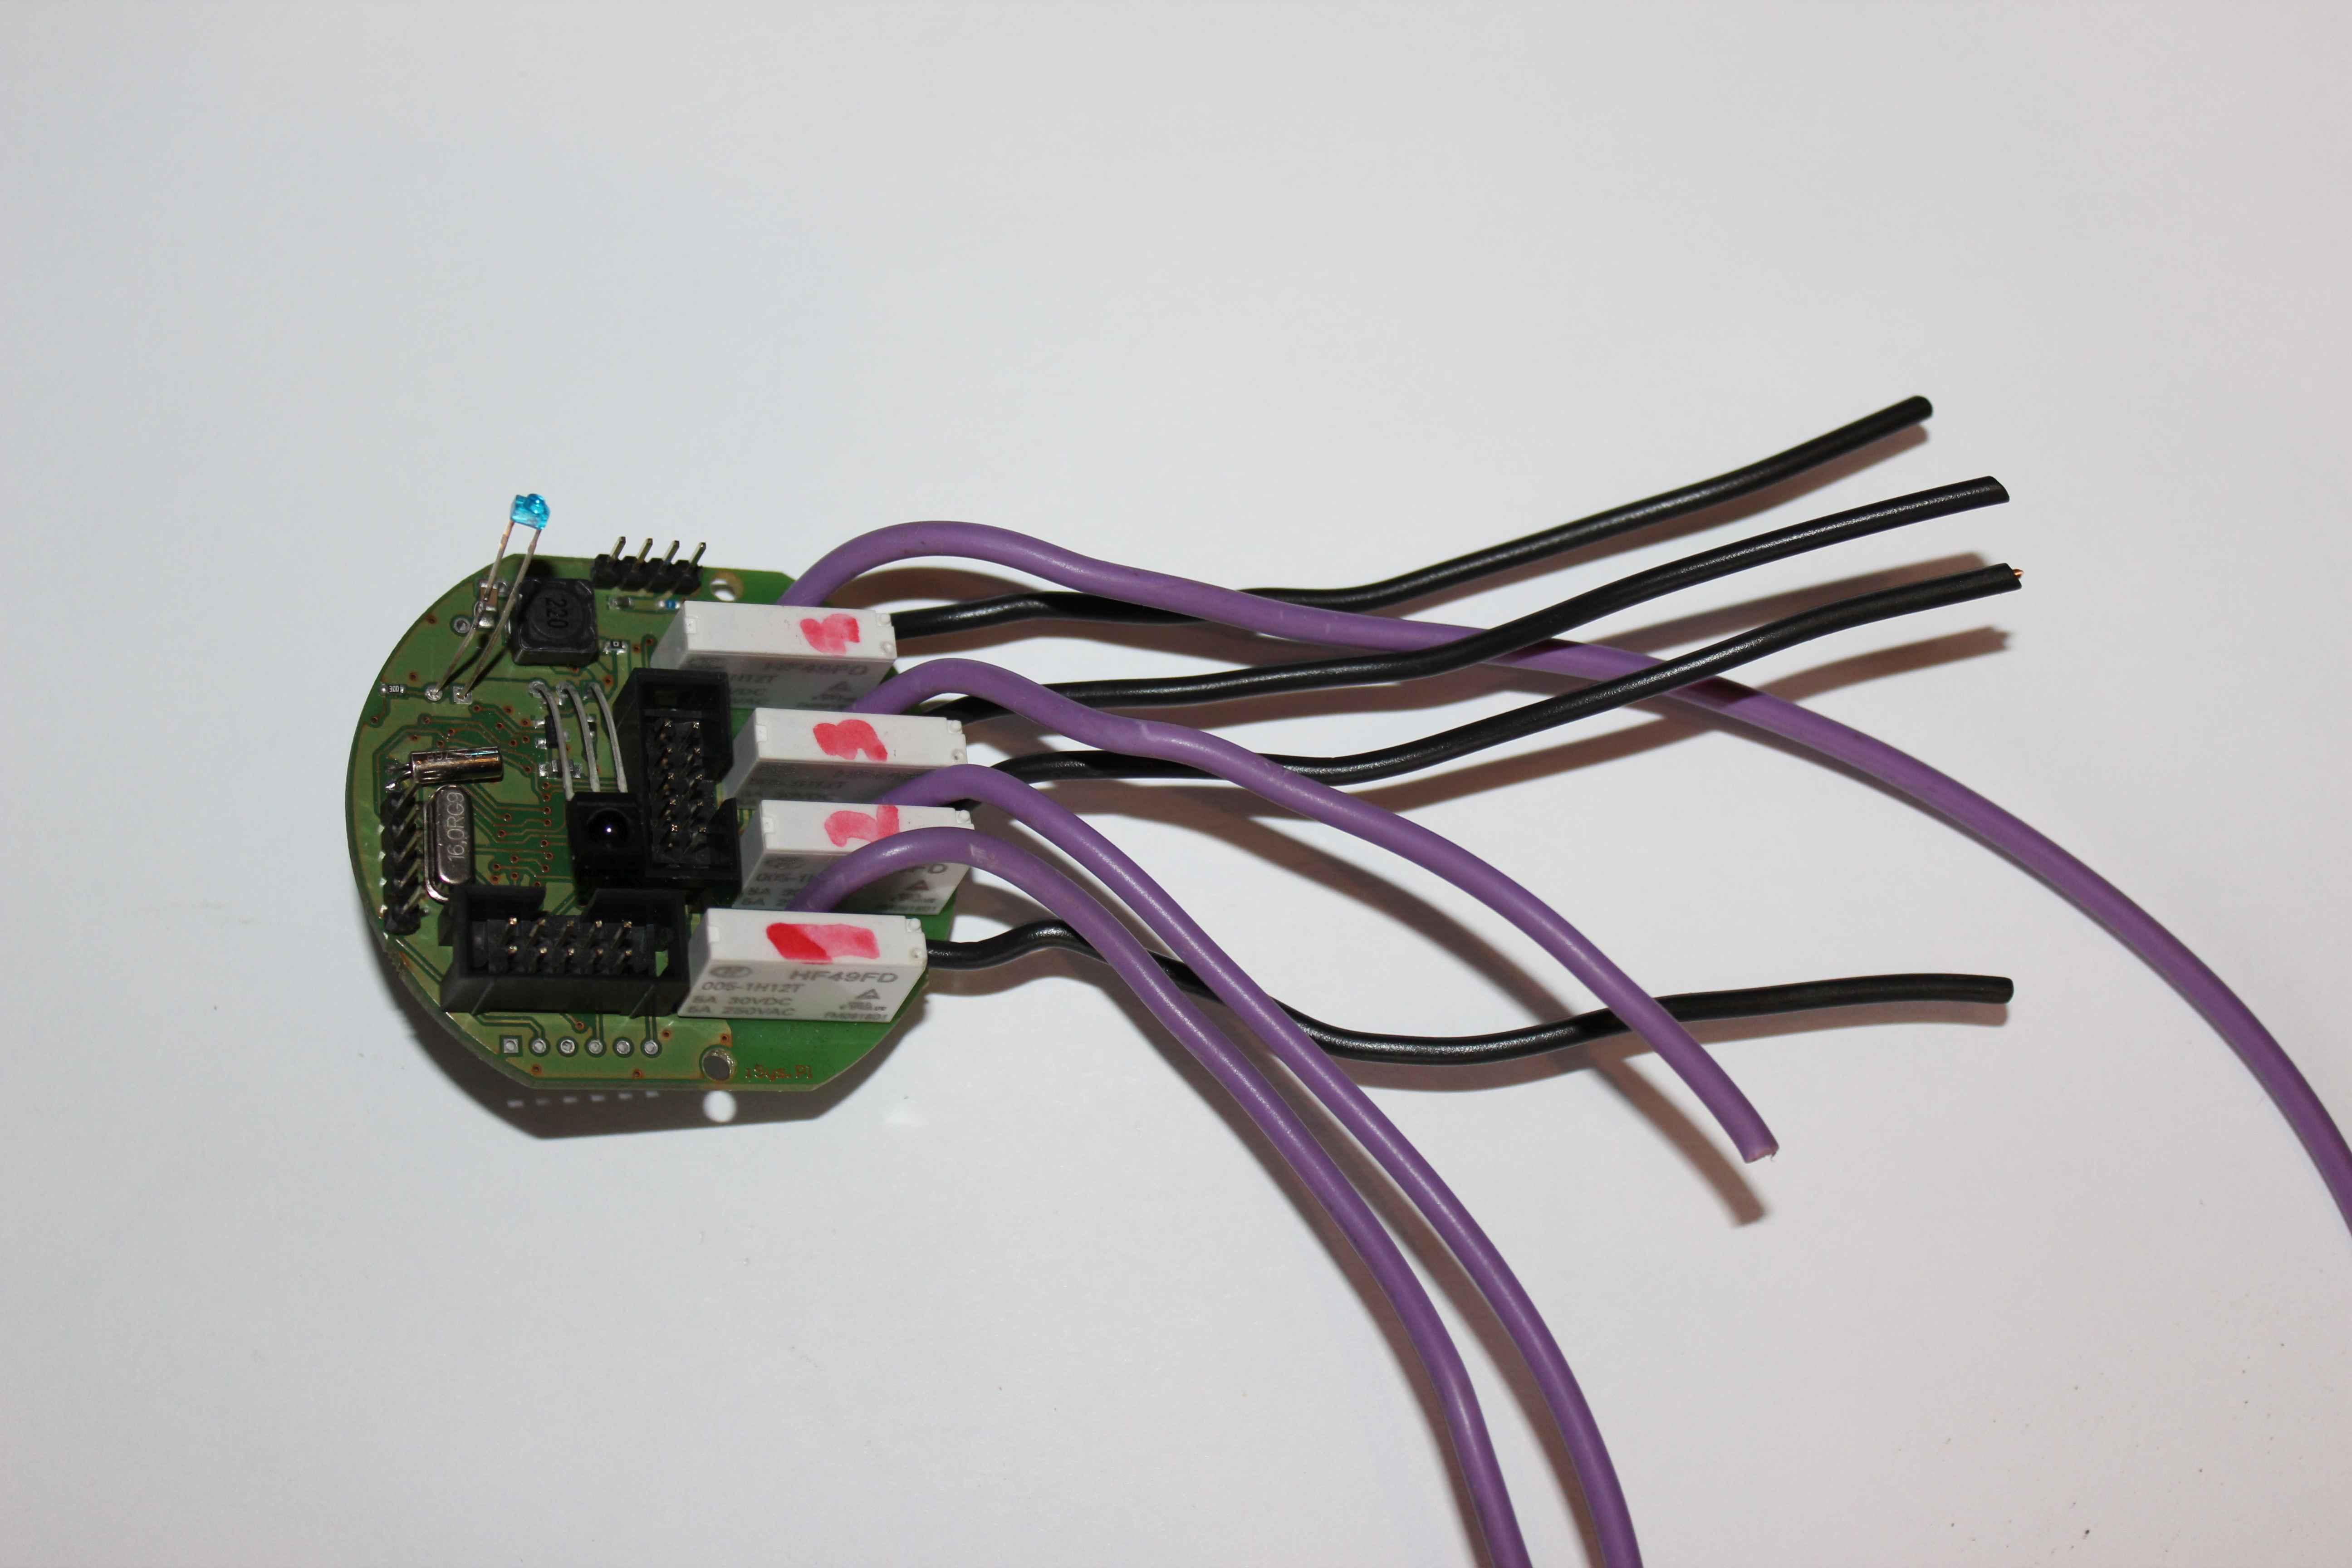 Intelligent Building eHouse4CAN pentru a conecta dispozitive externe la contactele releelor